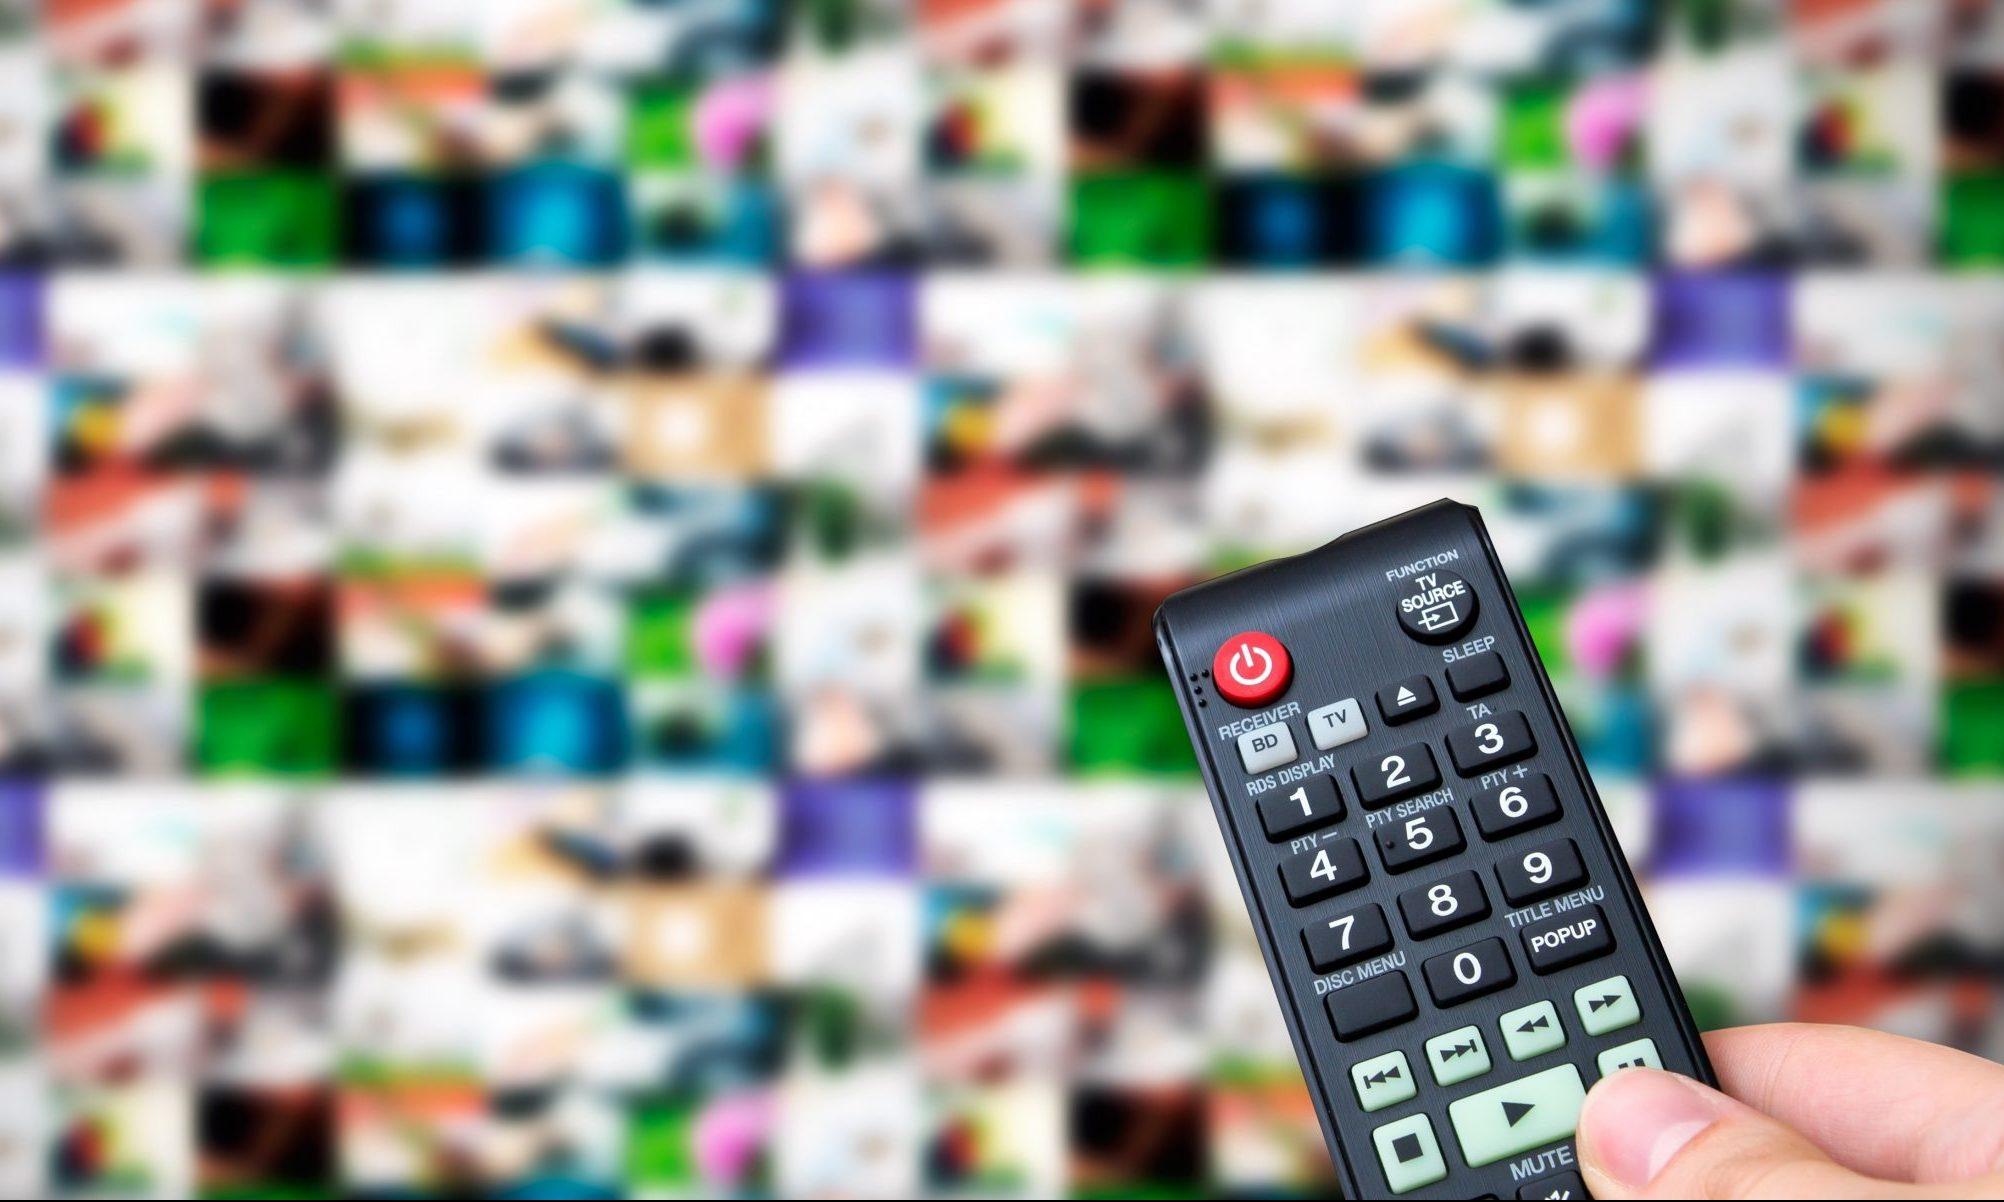 ТВ / телевидение / пульт ду